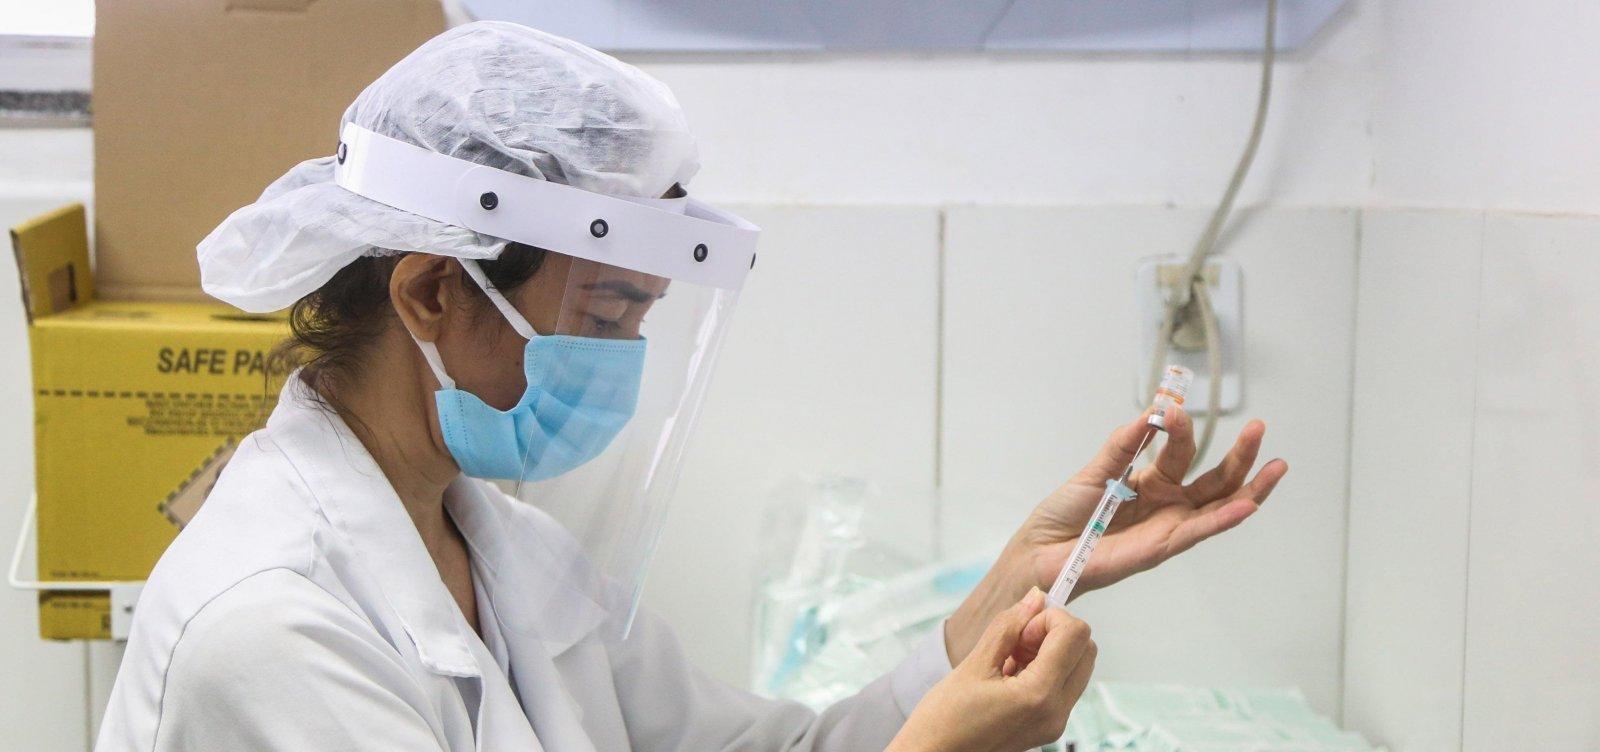 Prefeitura lança edital para contratação de 250 profissionais para atuar na vacinação